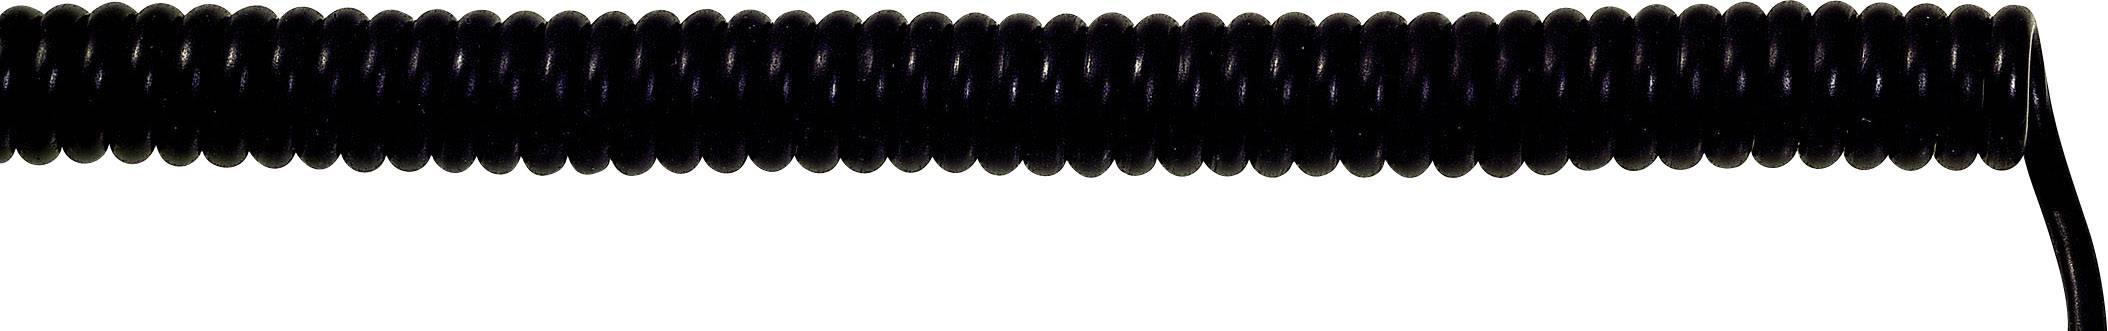 Špirálový kábel 73220211 UNITRONIC® SPIRAL 4 x 0.14 mm², 200 mm / 800 mm, čierna